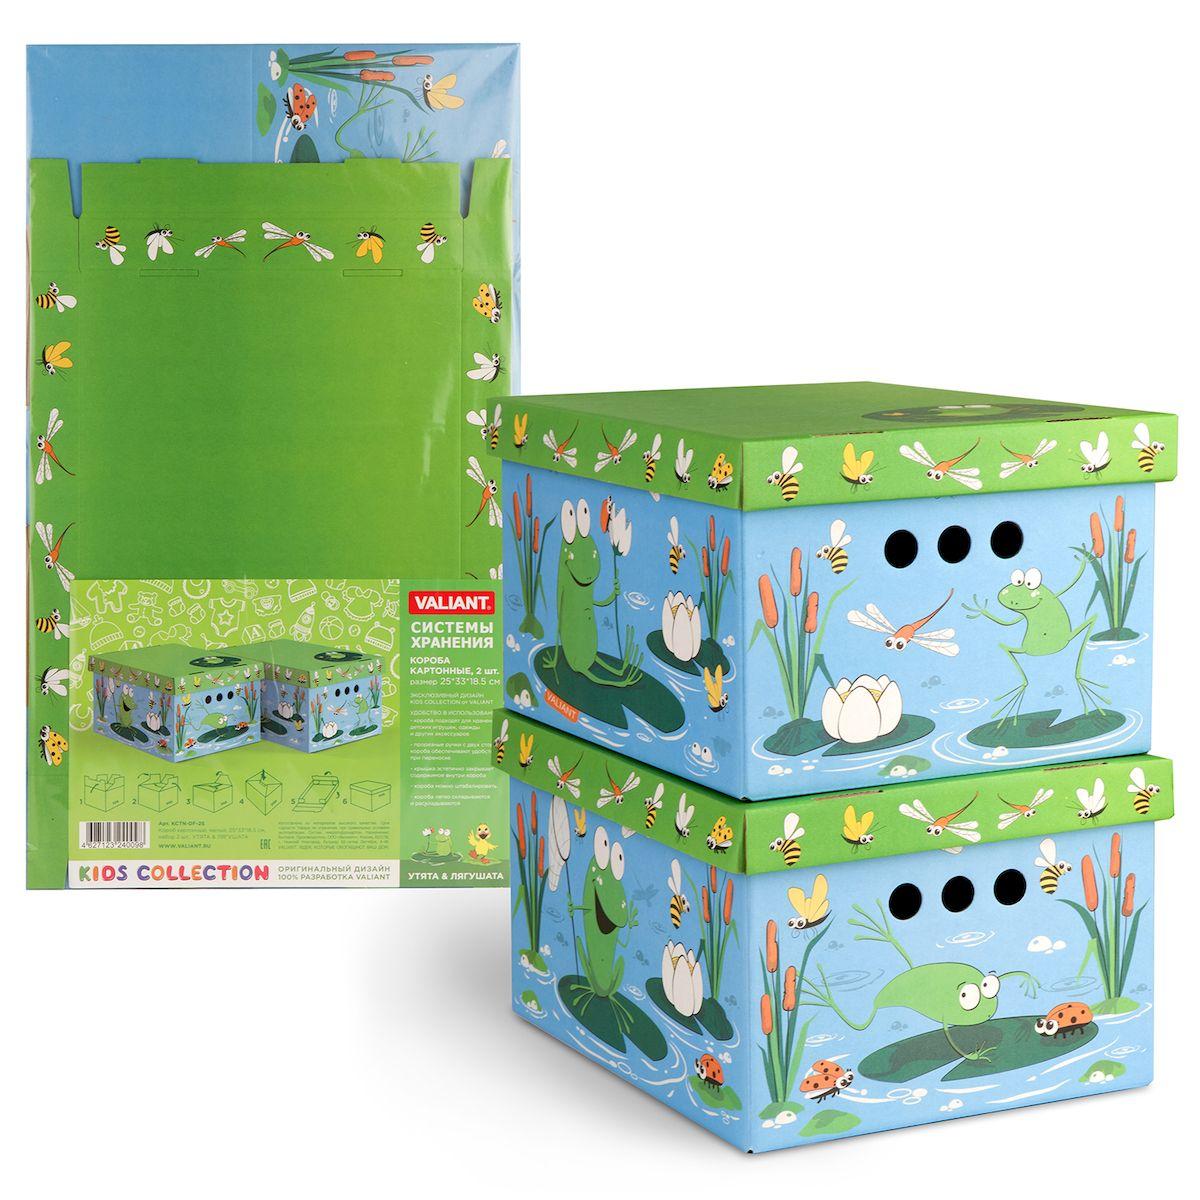 Короб для хранения Valiant Утята&Лягушата, 25х33х18,5 см, складной, 2 штKCTN-DF-2SКороб картонный Valiant Утята&Лягушата легкий и прочный. Короб являются самосборным (на упаковке имеется удобная инструкция по сборке). Благодаря прорезным ручкам с двух сторон коробку удобно поднимать и переносить.